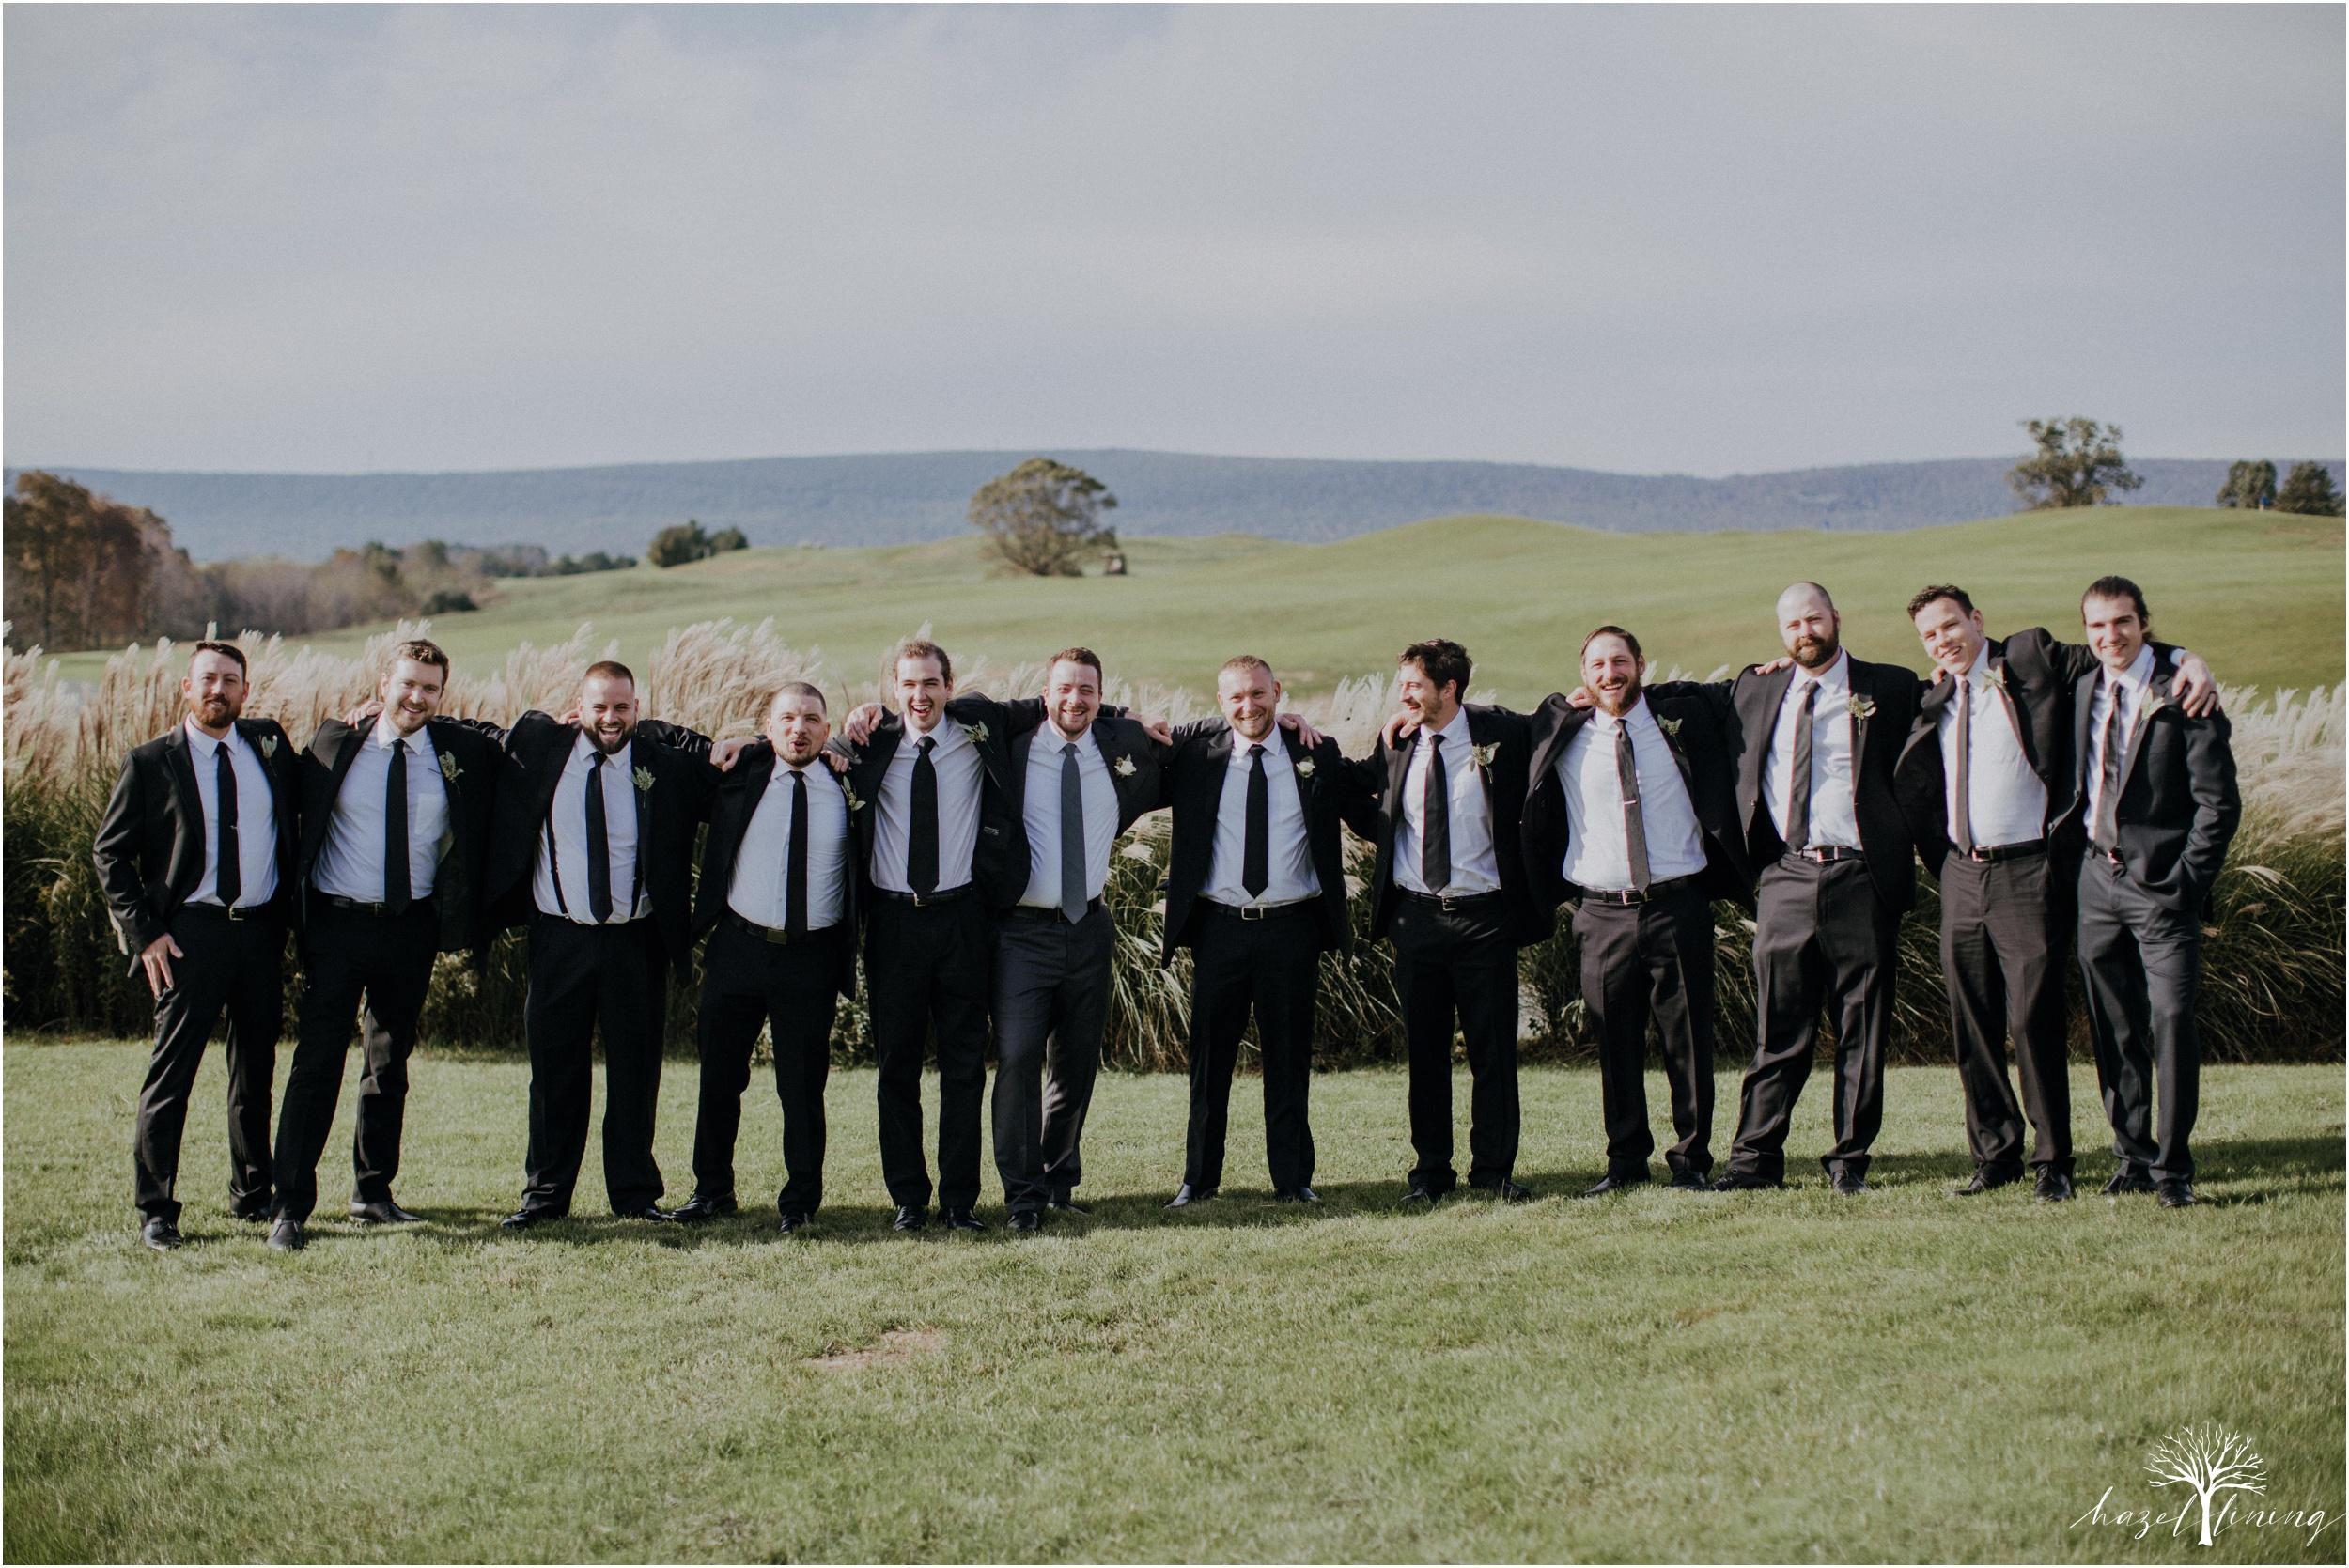 jessie-martin-zach-umlauf-olde-homestead-golfclub-outdoor-autumn-wedding_0056.jpg